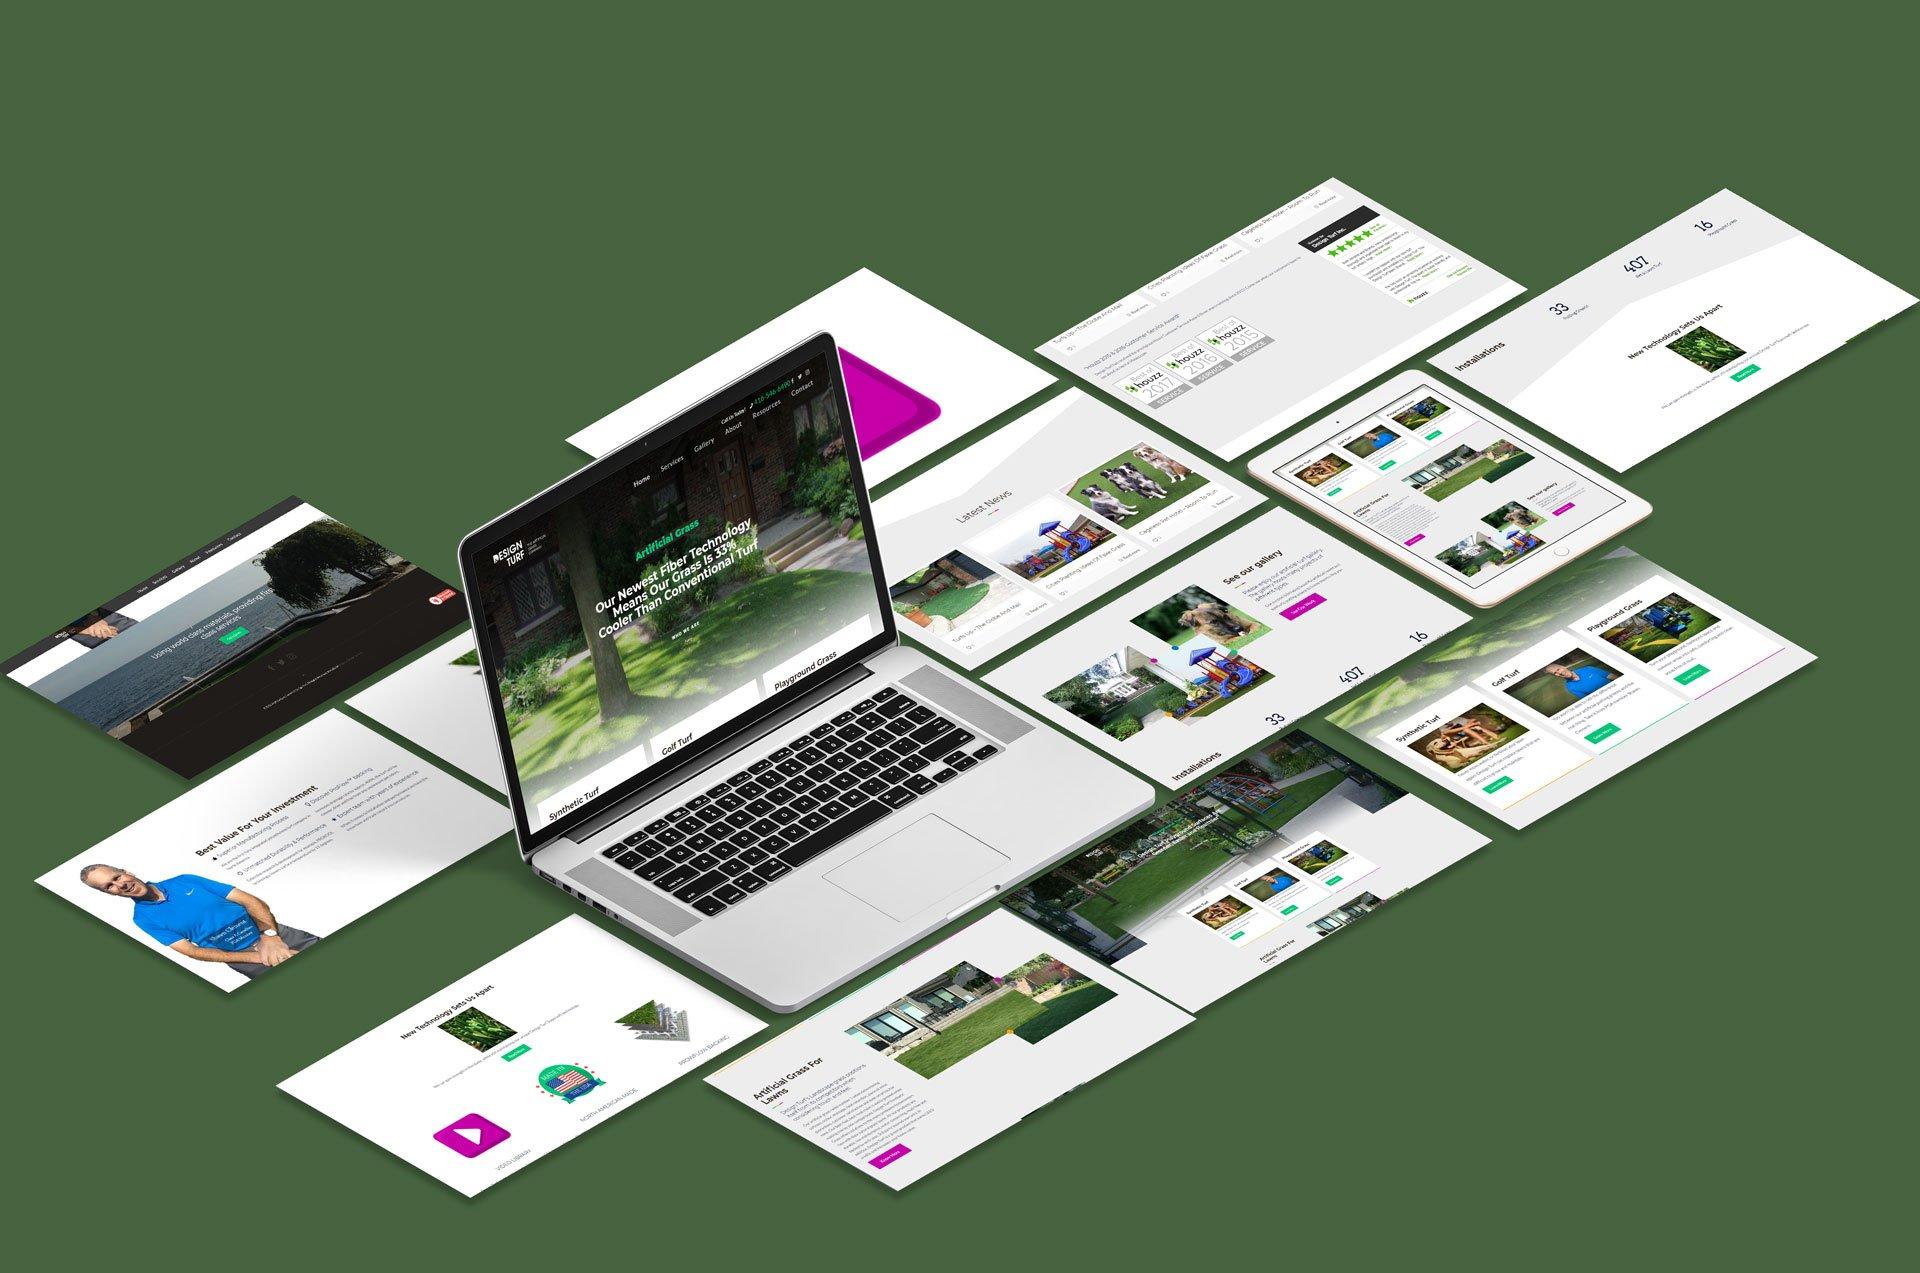 designturf-perspective-mockup